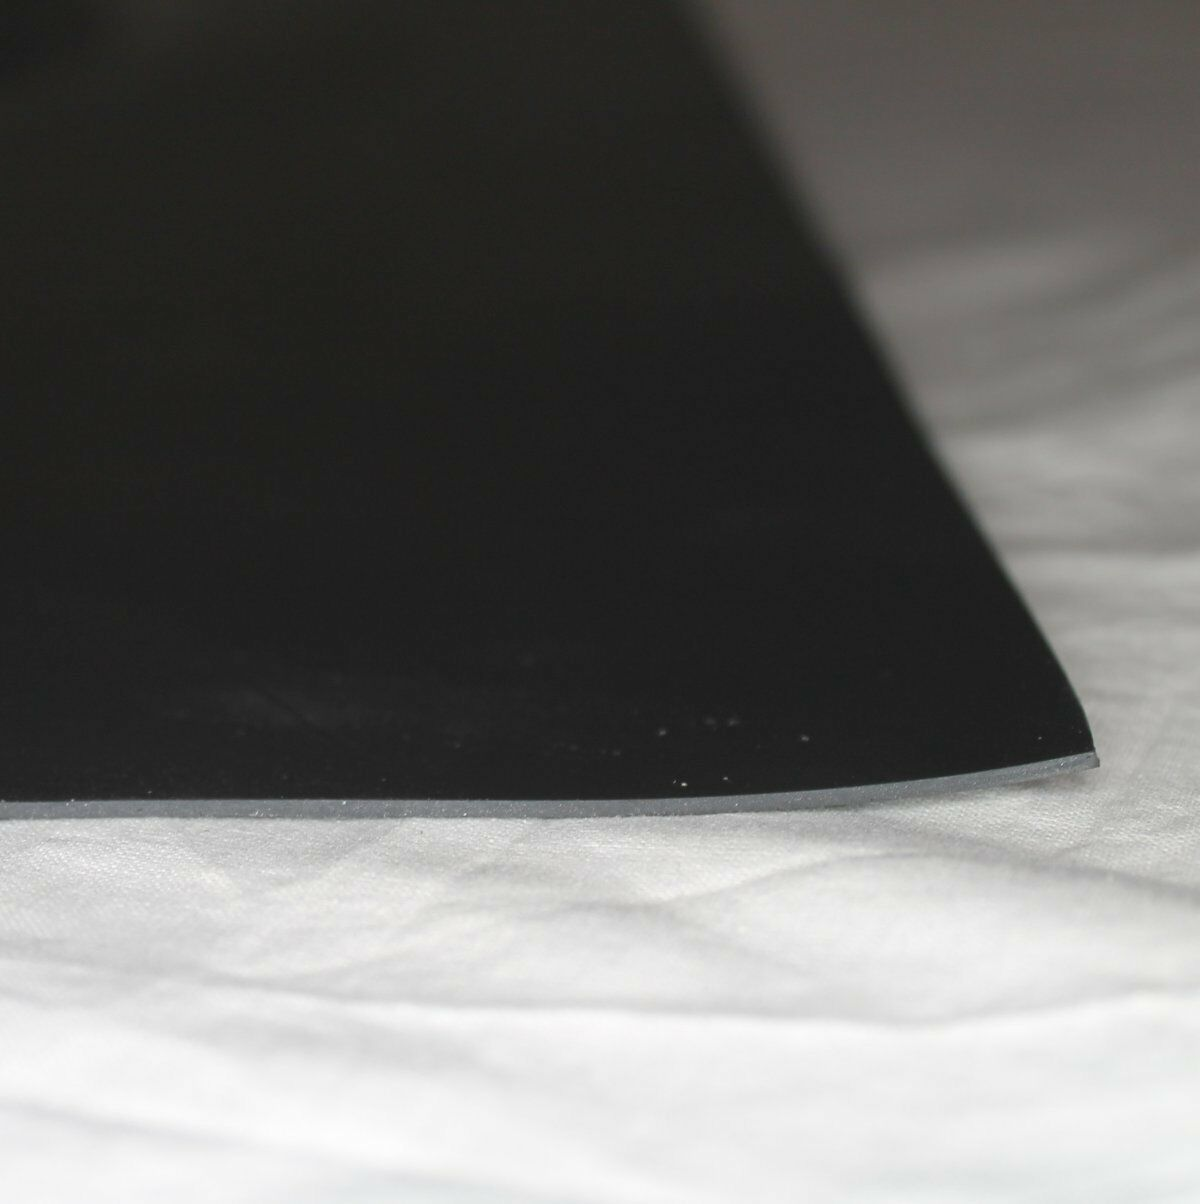 Tappetino in gomma SBR 1mm   1200x7000mm   8,4 m² GUARNIZIONE costruzioni ProssoEZIONE GOMMA Pak libero